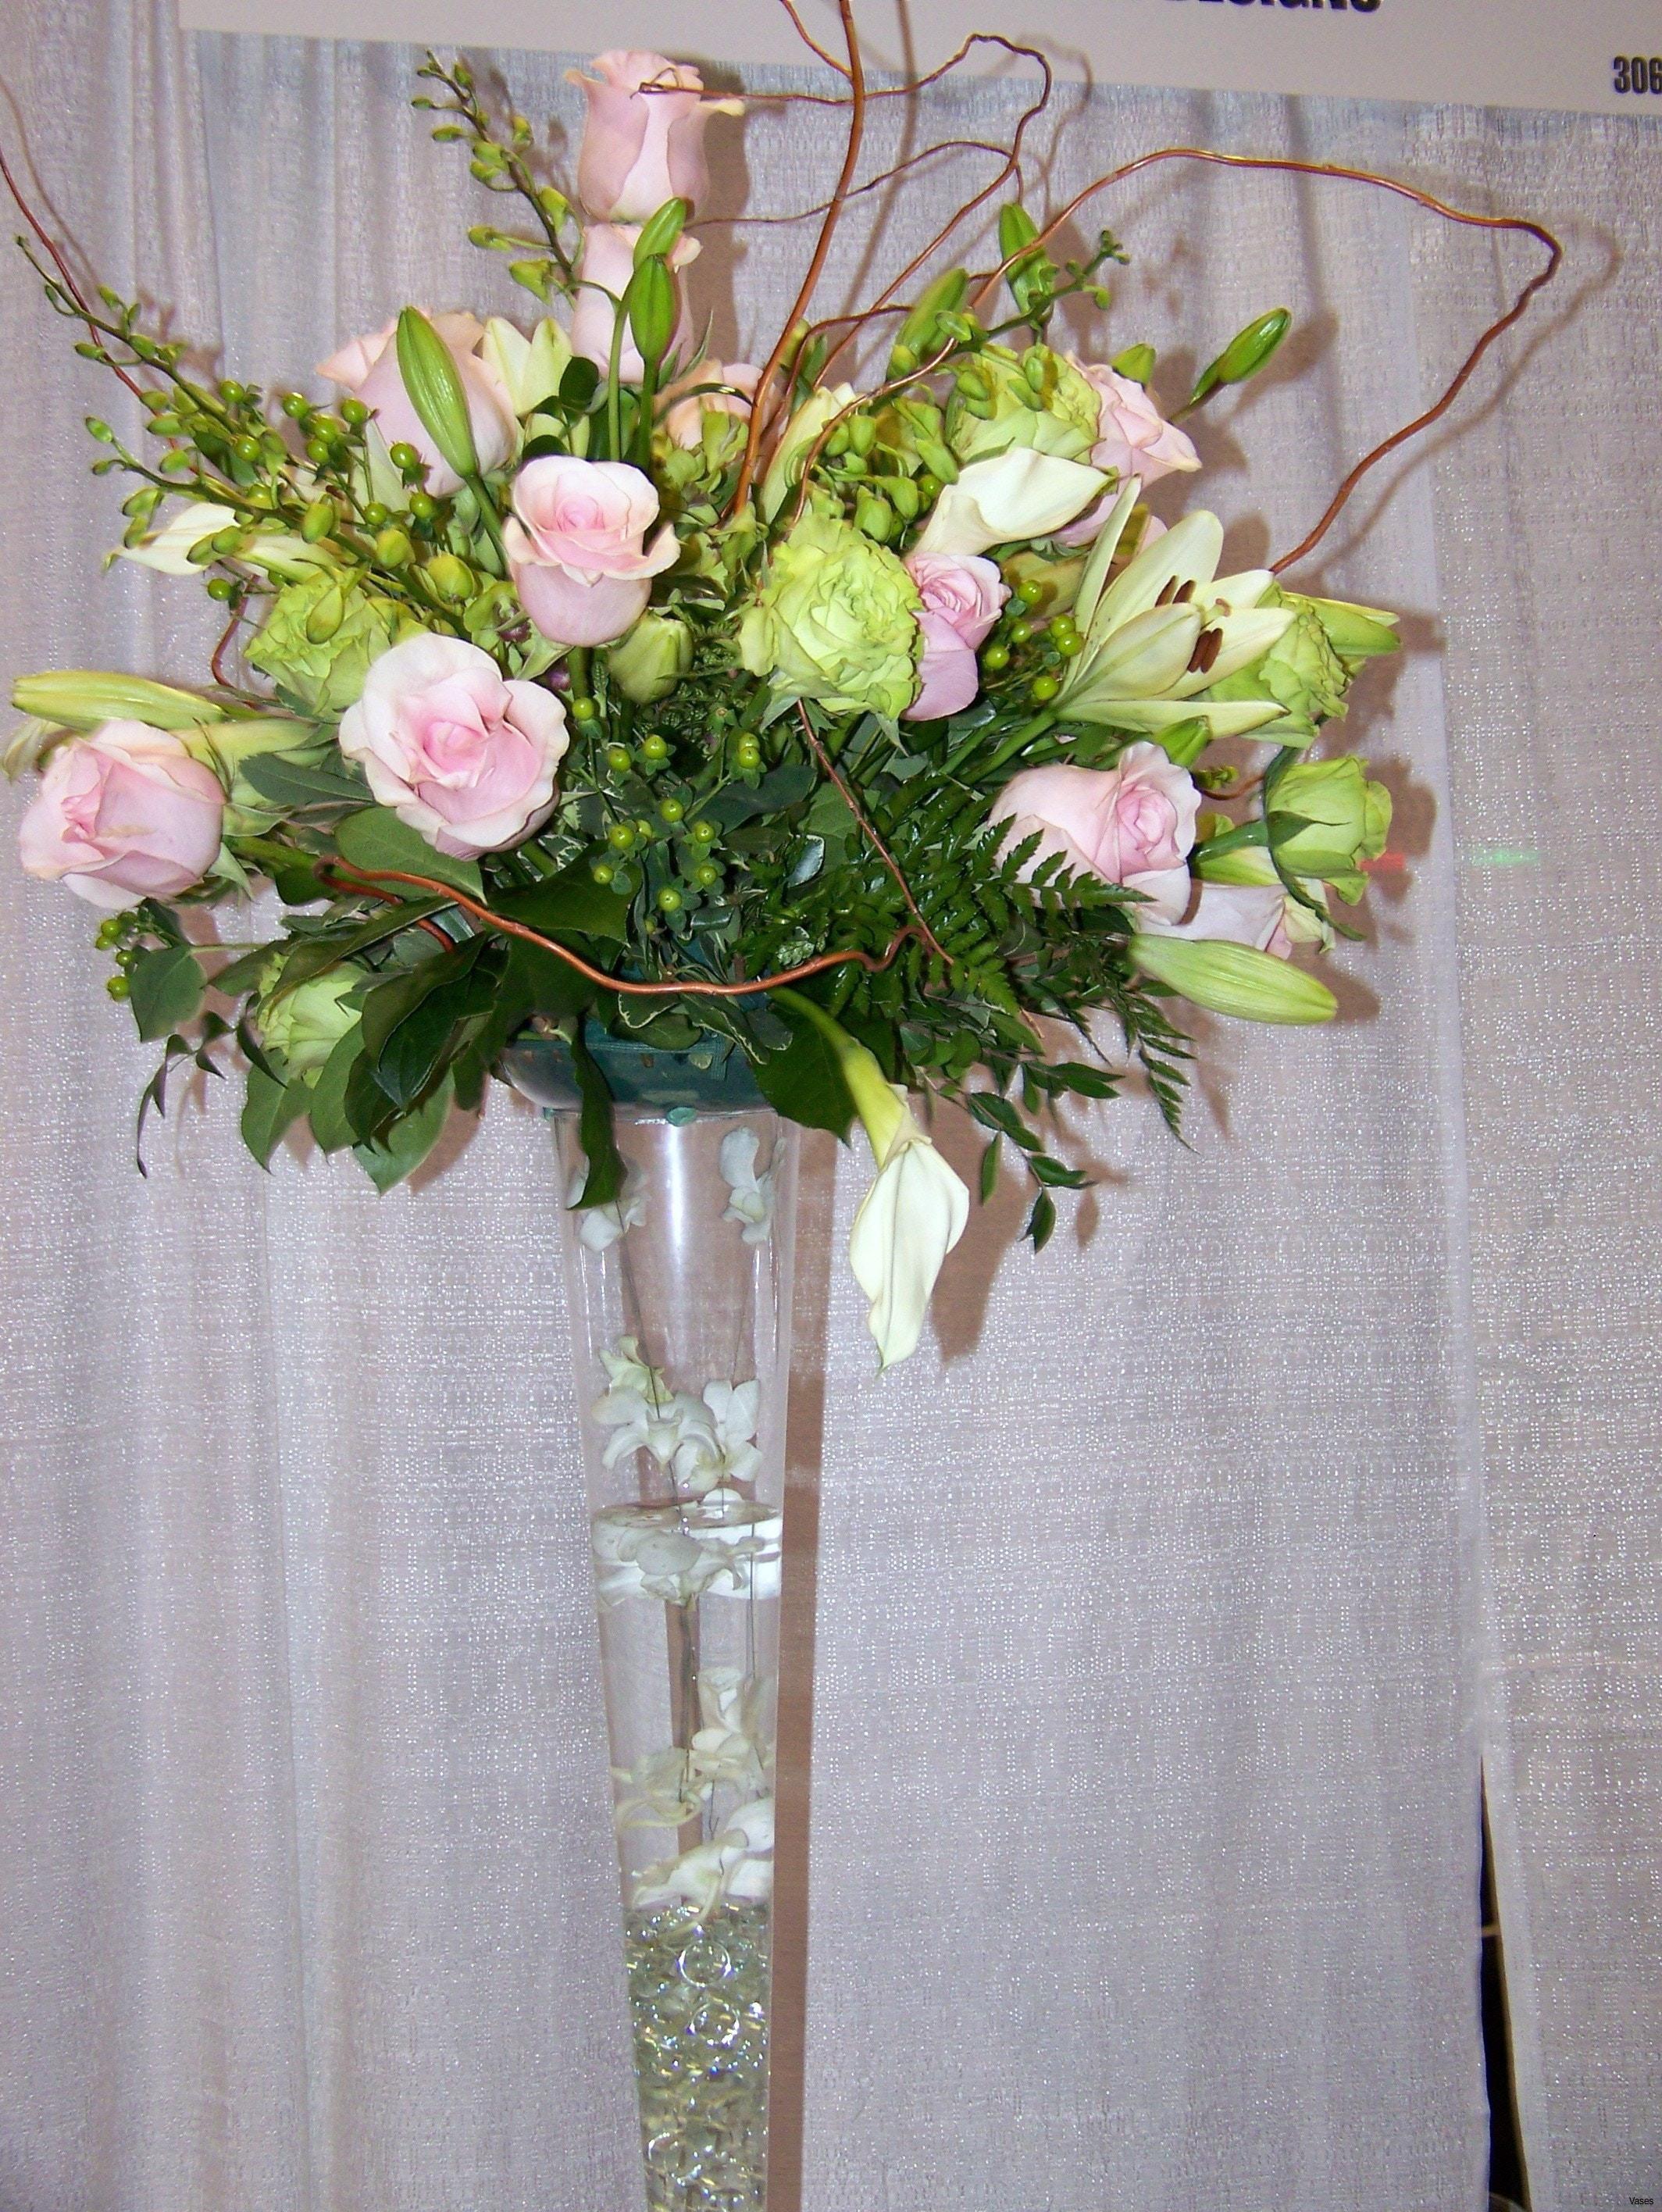 13 Unique Large White Pitcher Vase 2021 free download large white pitcher vase of 17 new large pink vase bogekompresorturkiye com in large pink vase luxury 32 beautiful pink silk flower of 17 new large pink vase